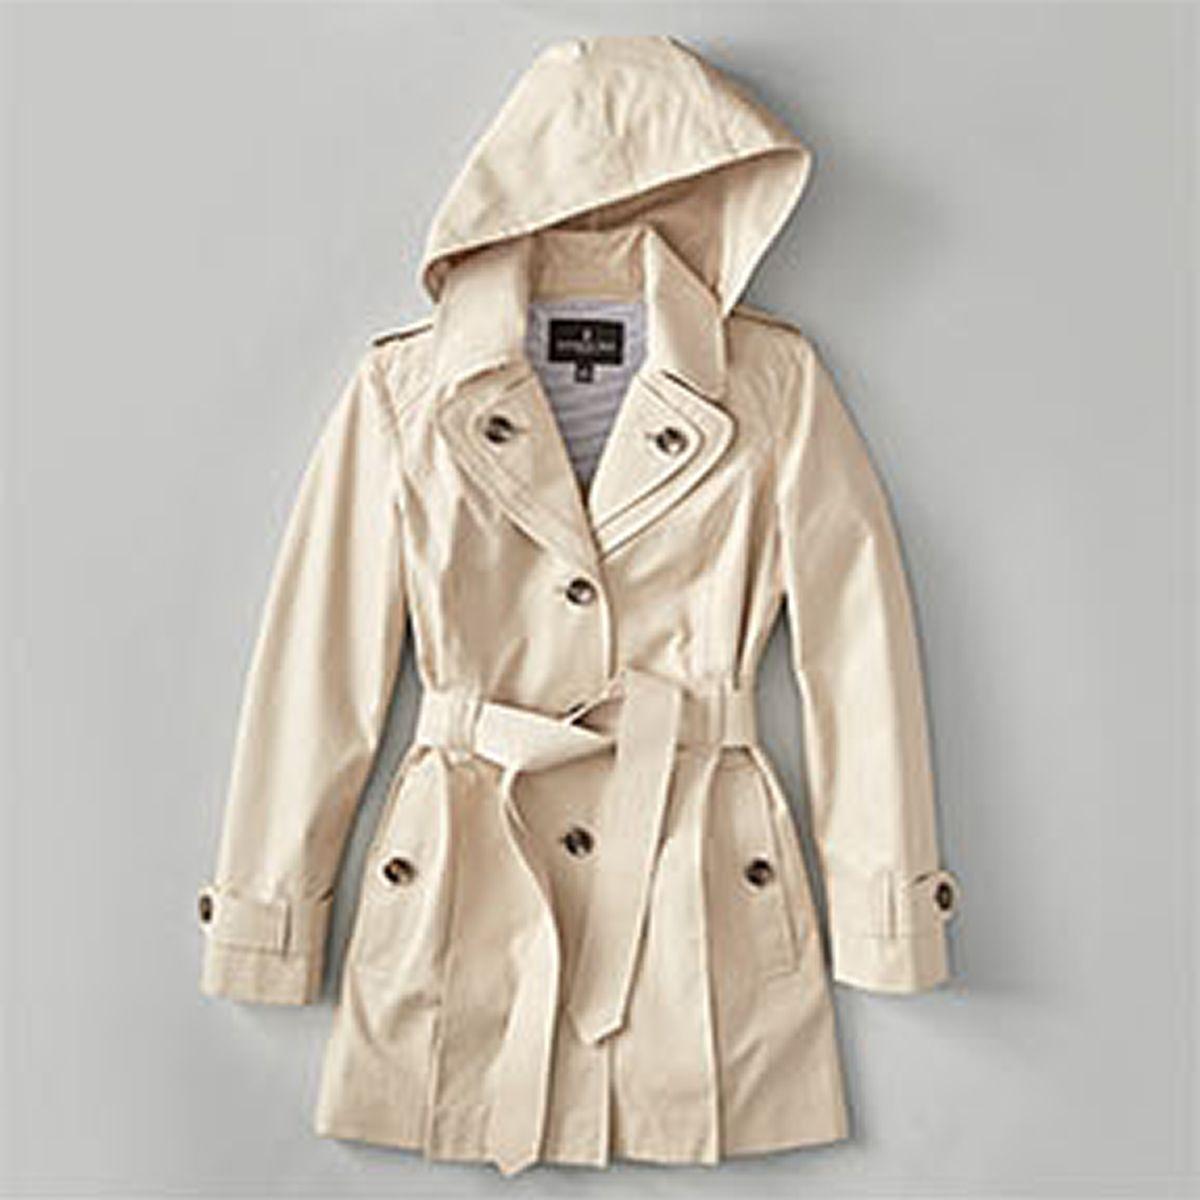 d165880abe6de Plus Size Clothing for Women - Plus Size Fashion - Macy s